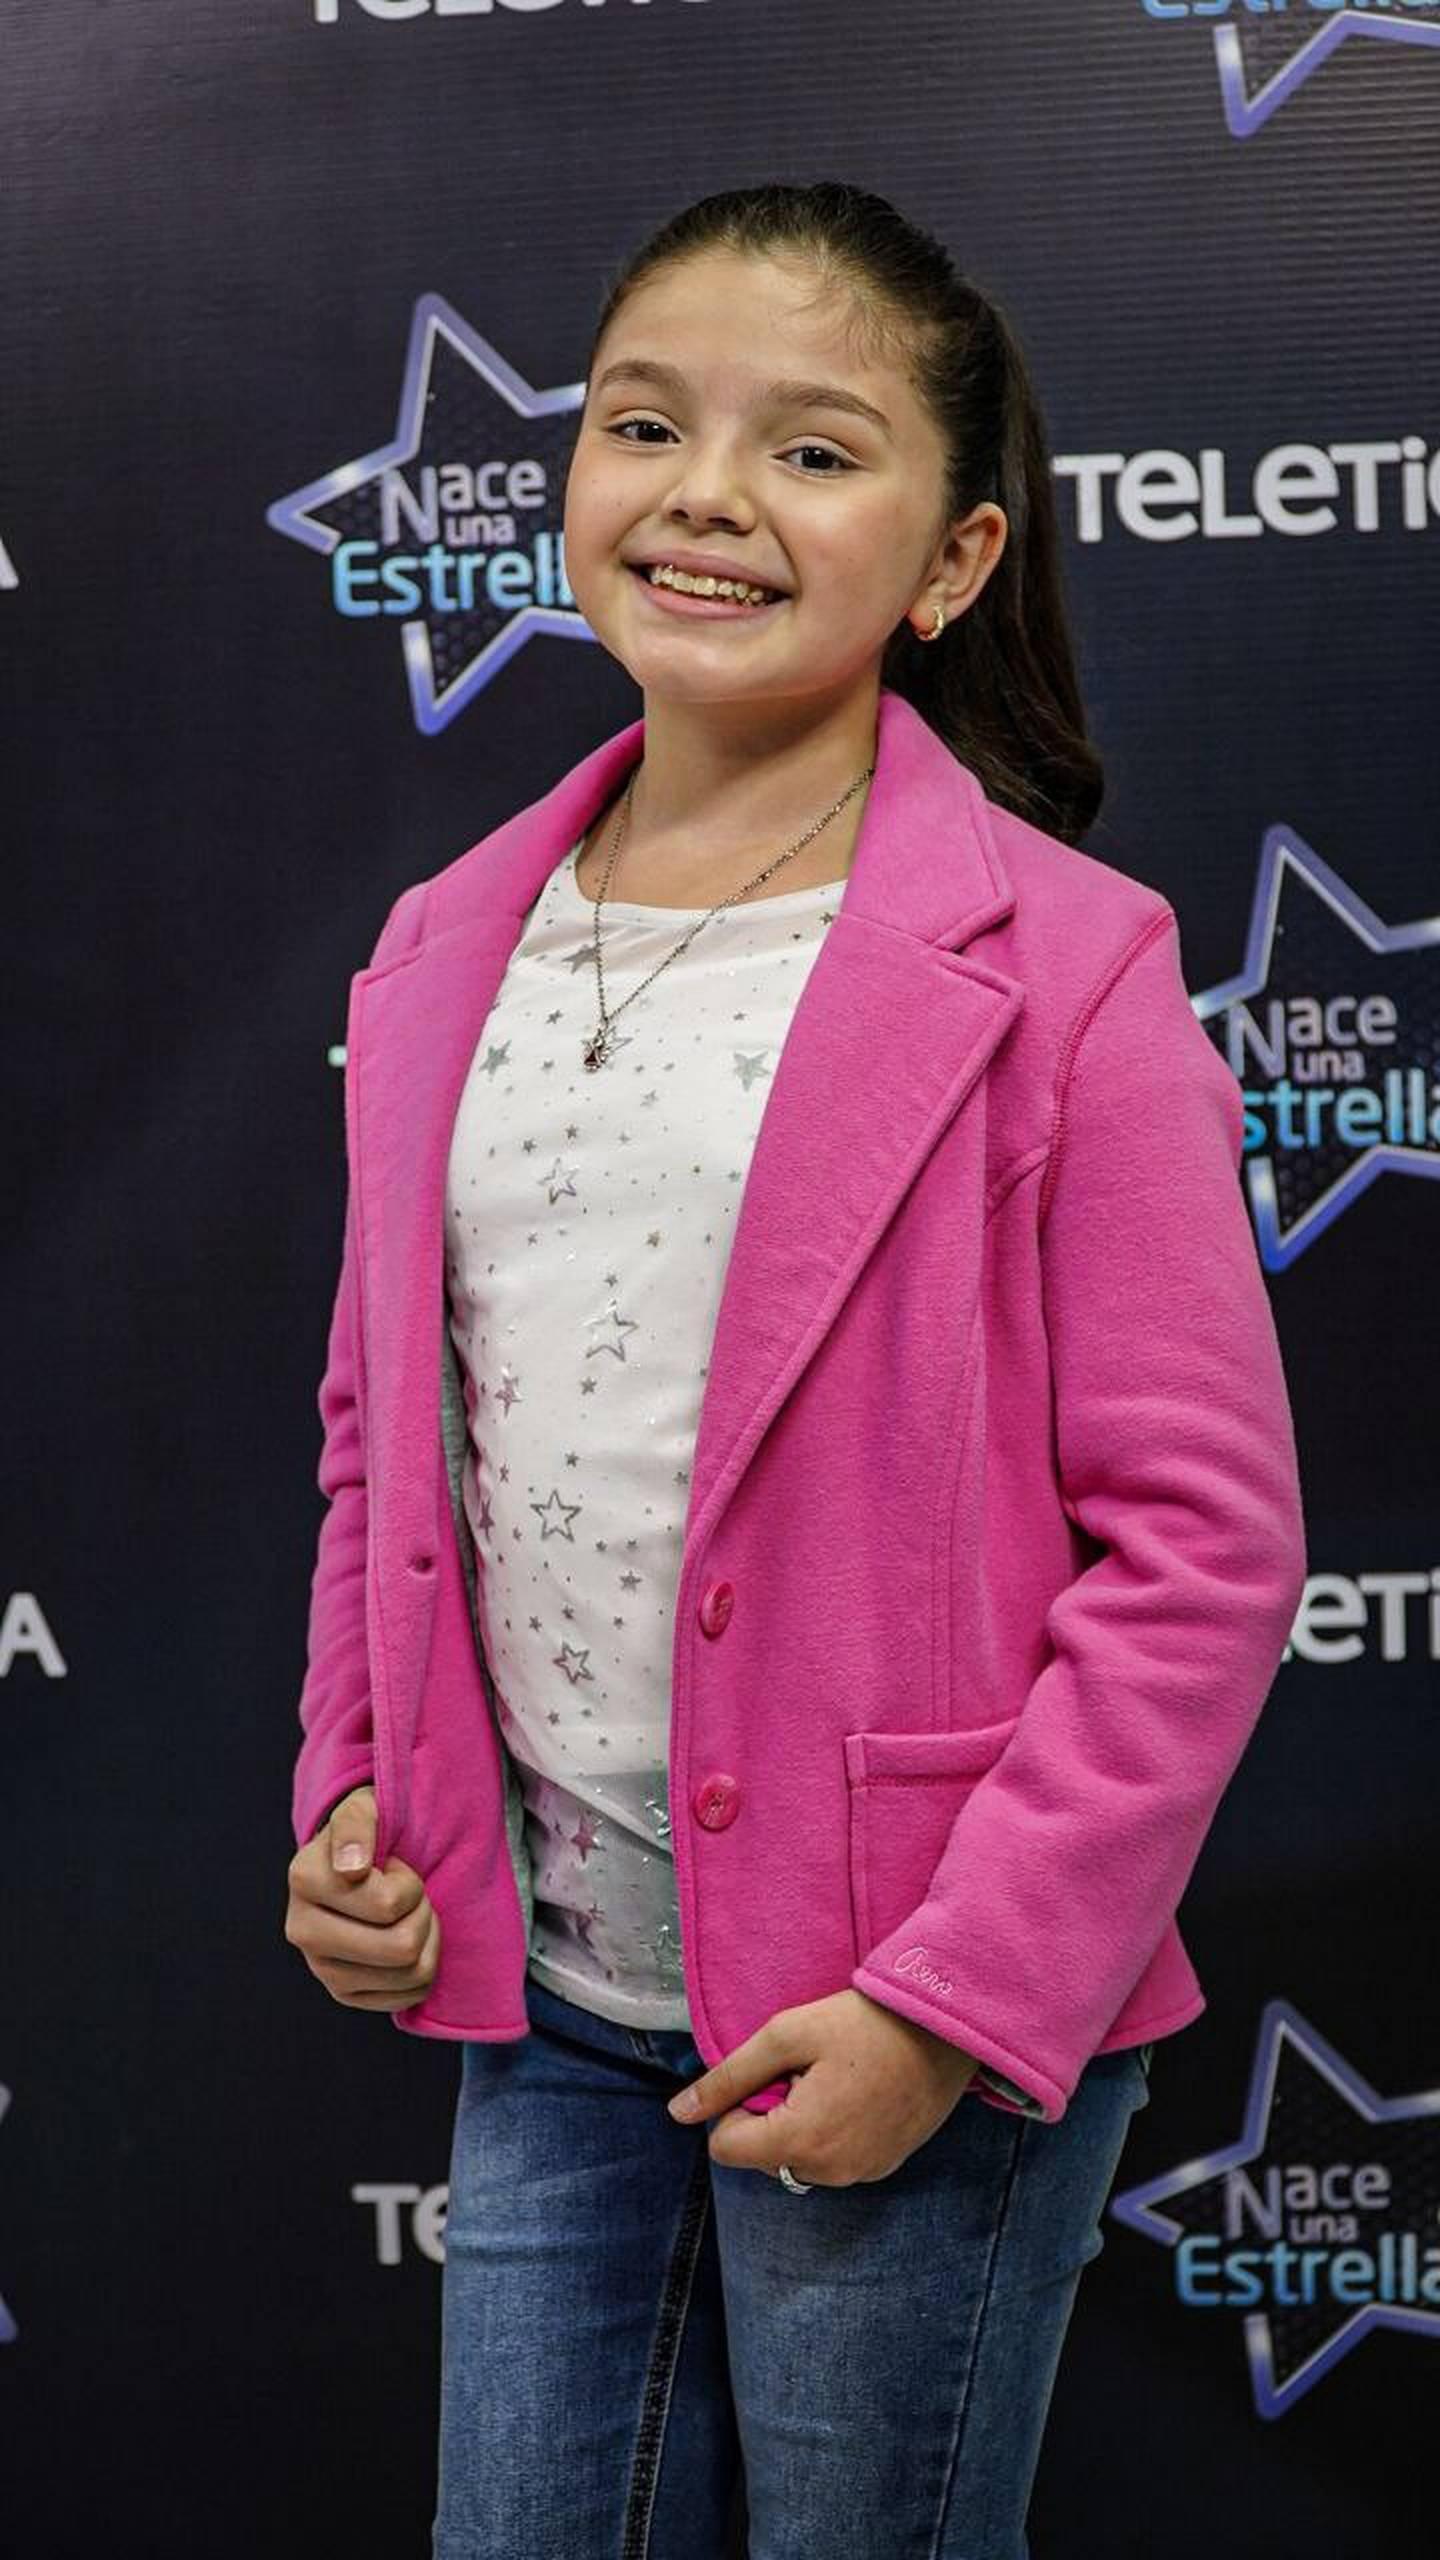 Sara Mariángel Barboza: vecina de Guadalupe, San José. Tiene 10 años de edad. Le gustan las canciones de pop, baladas, rancheras y la música de películas.